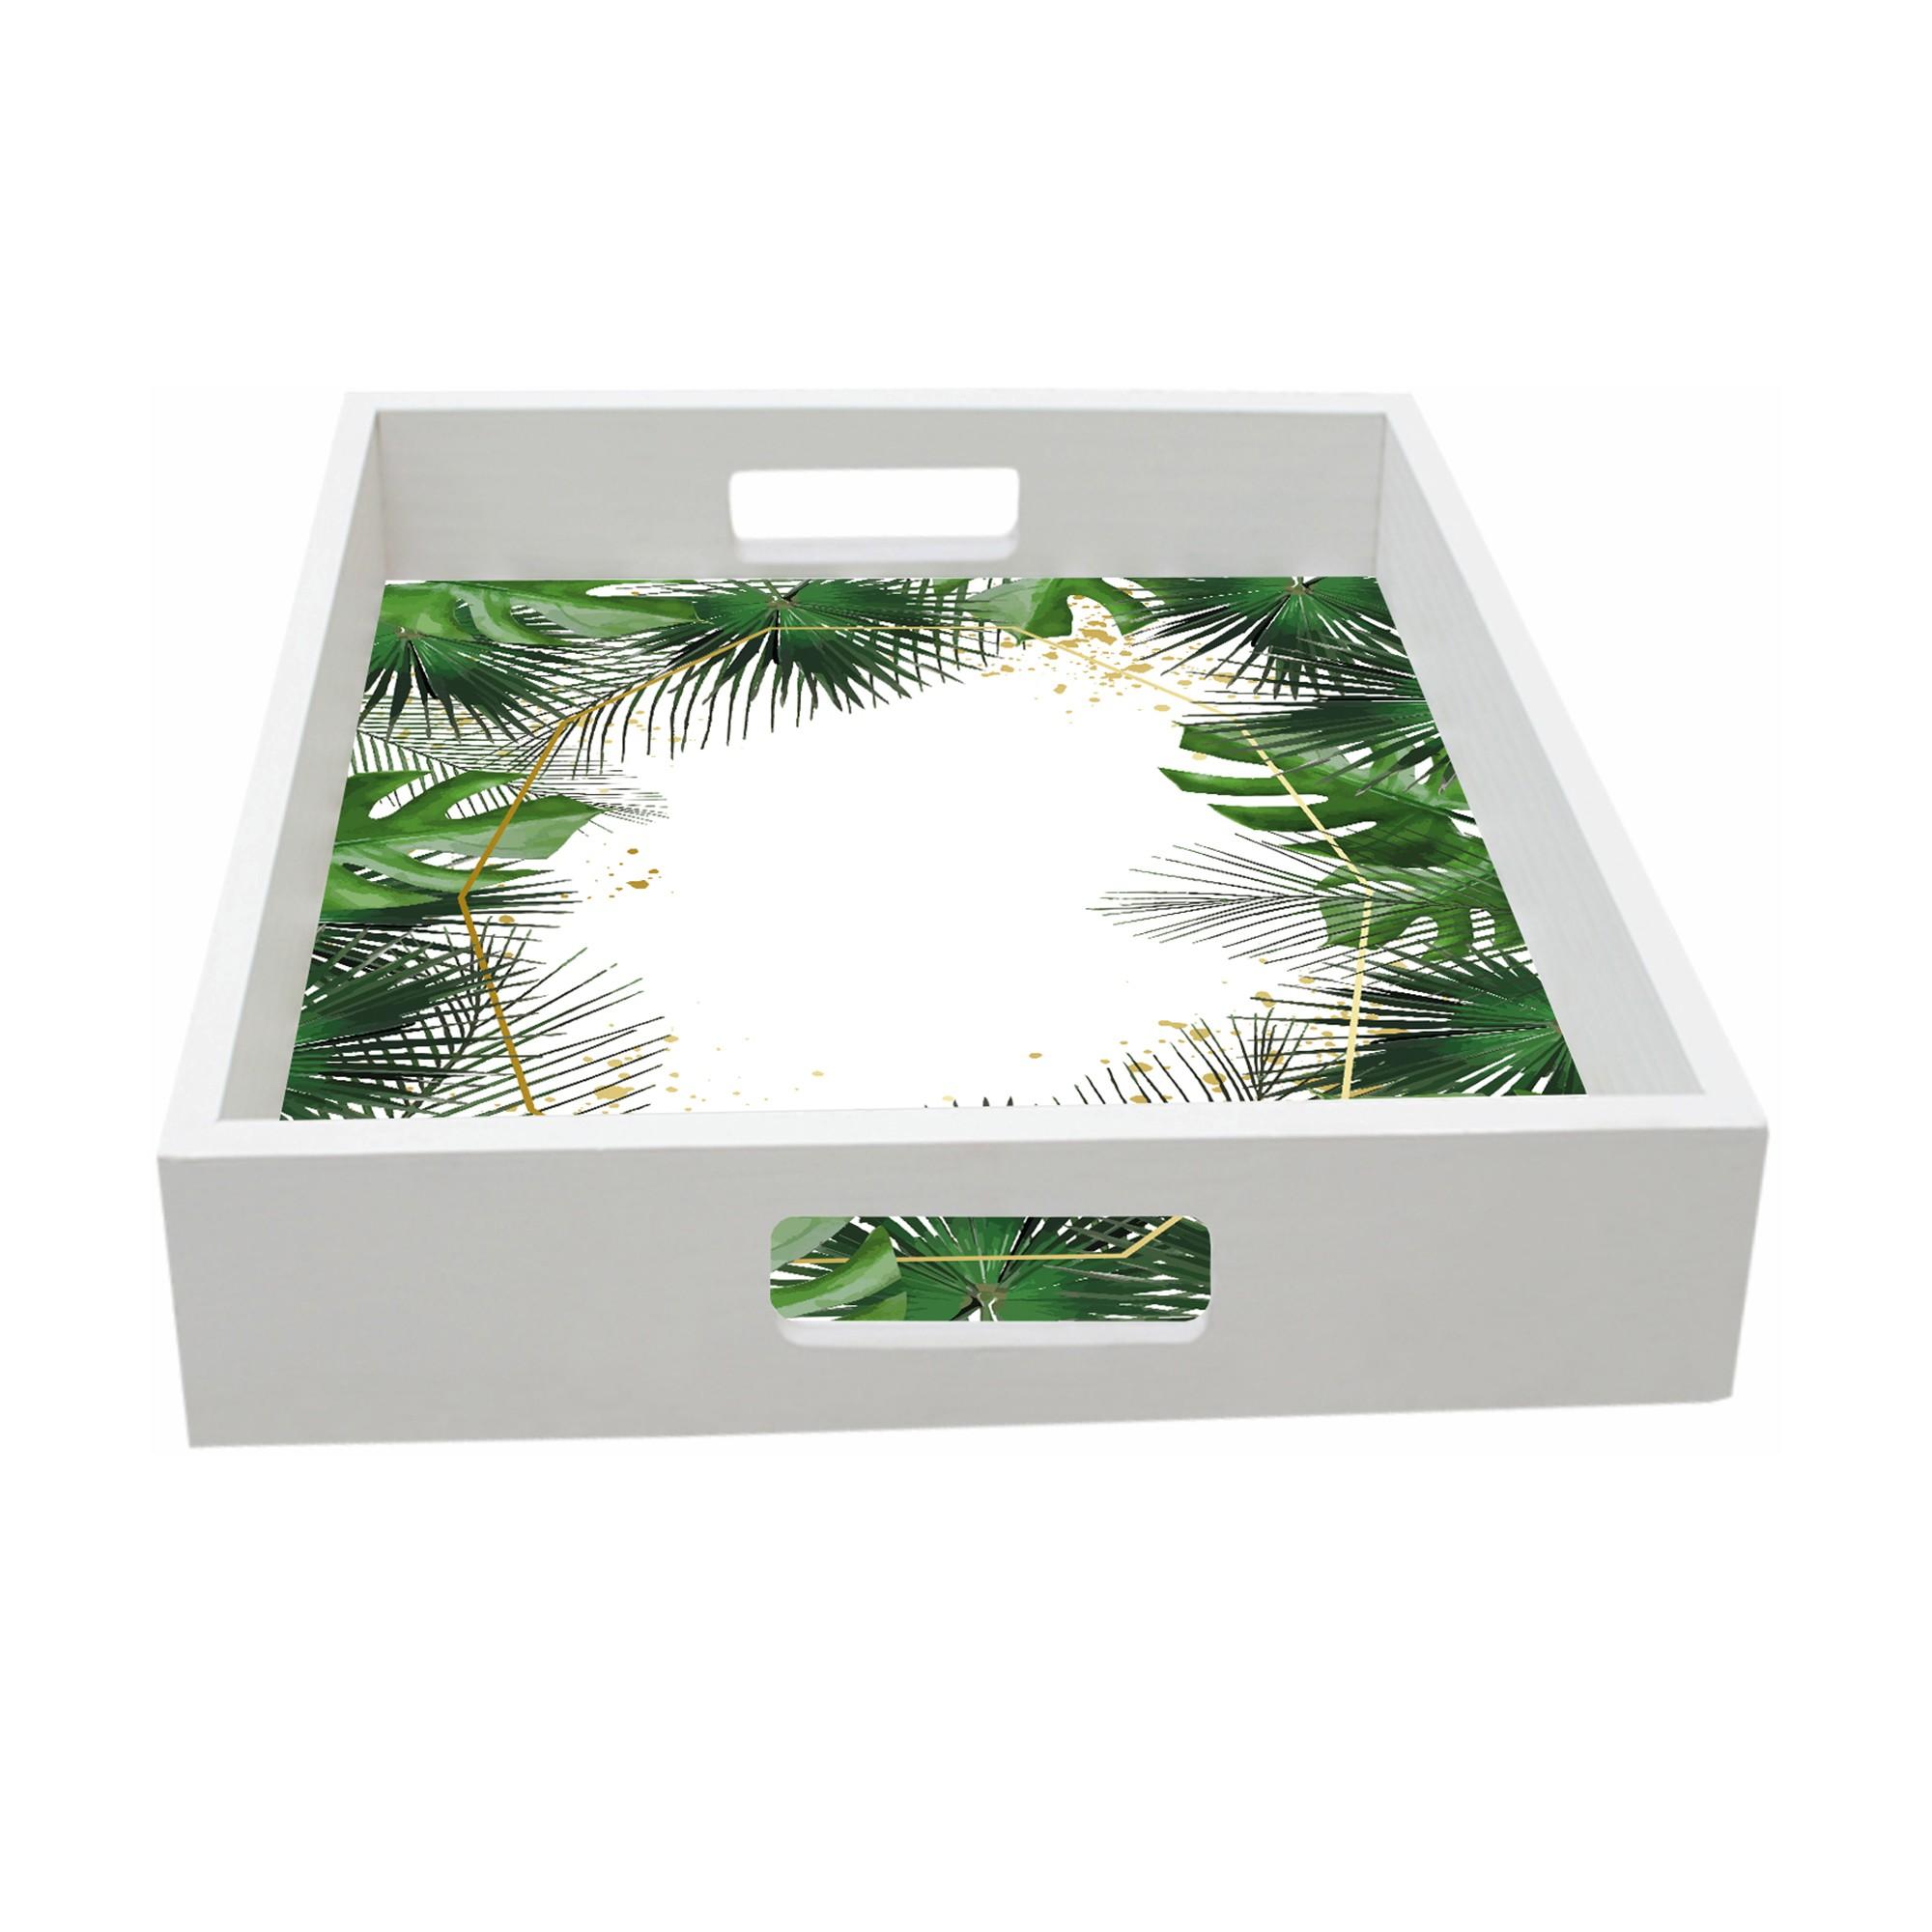 Bandeja Madeira e Vidro Tropical Retangular 32x22cm Branca - Kapos